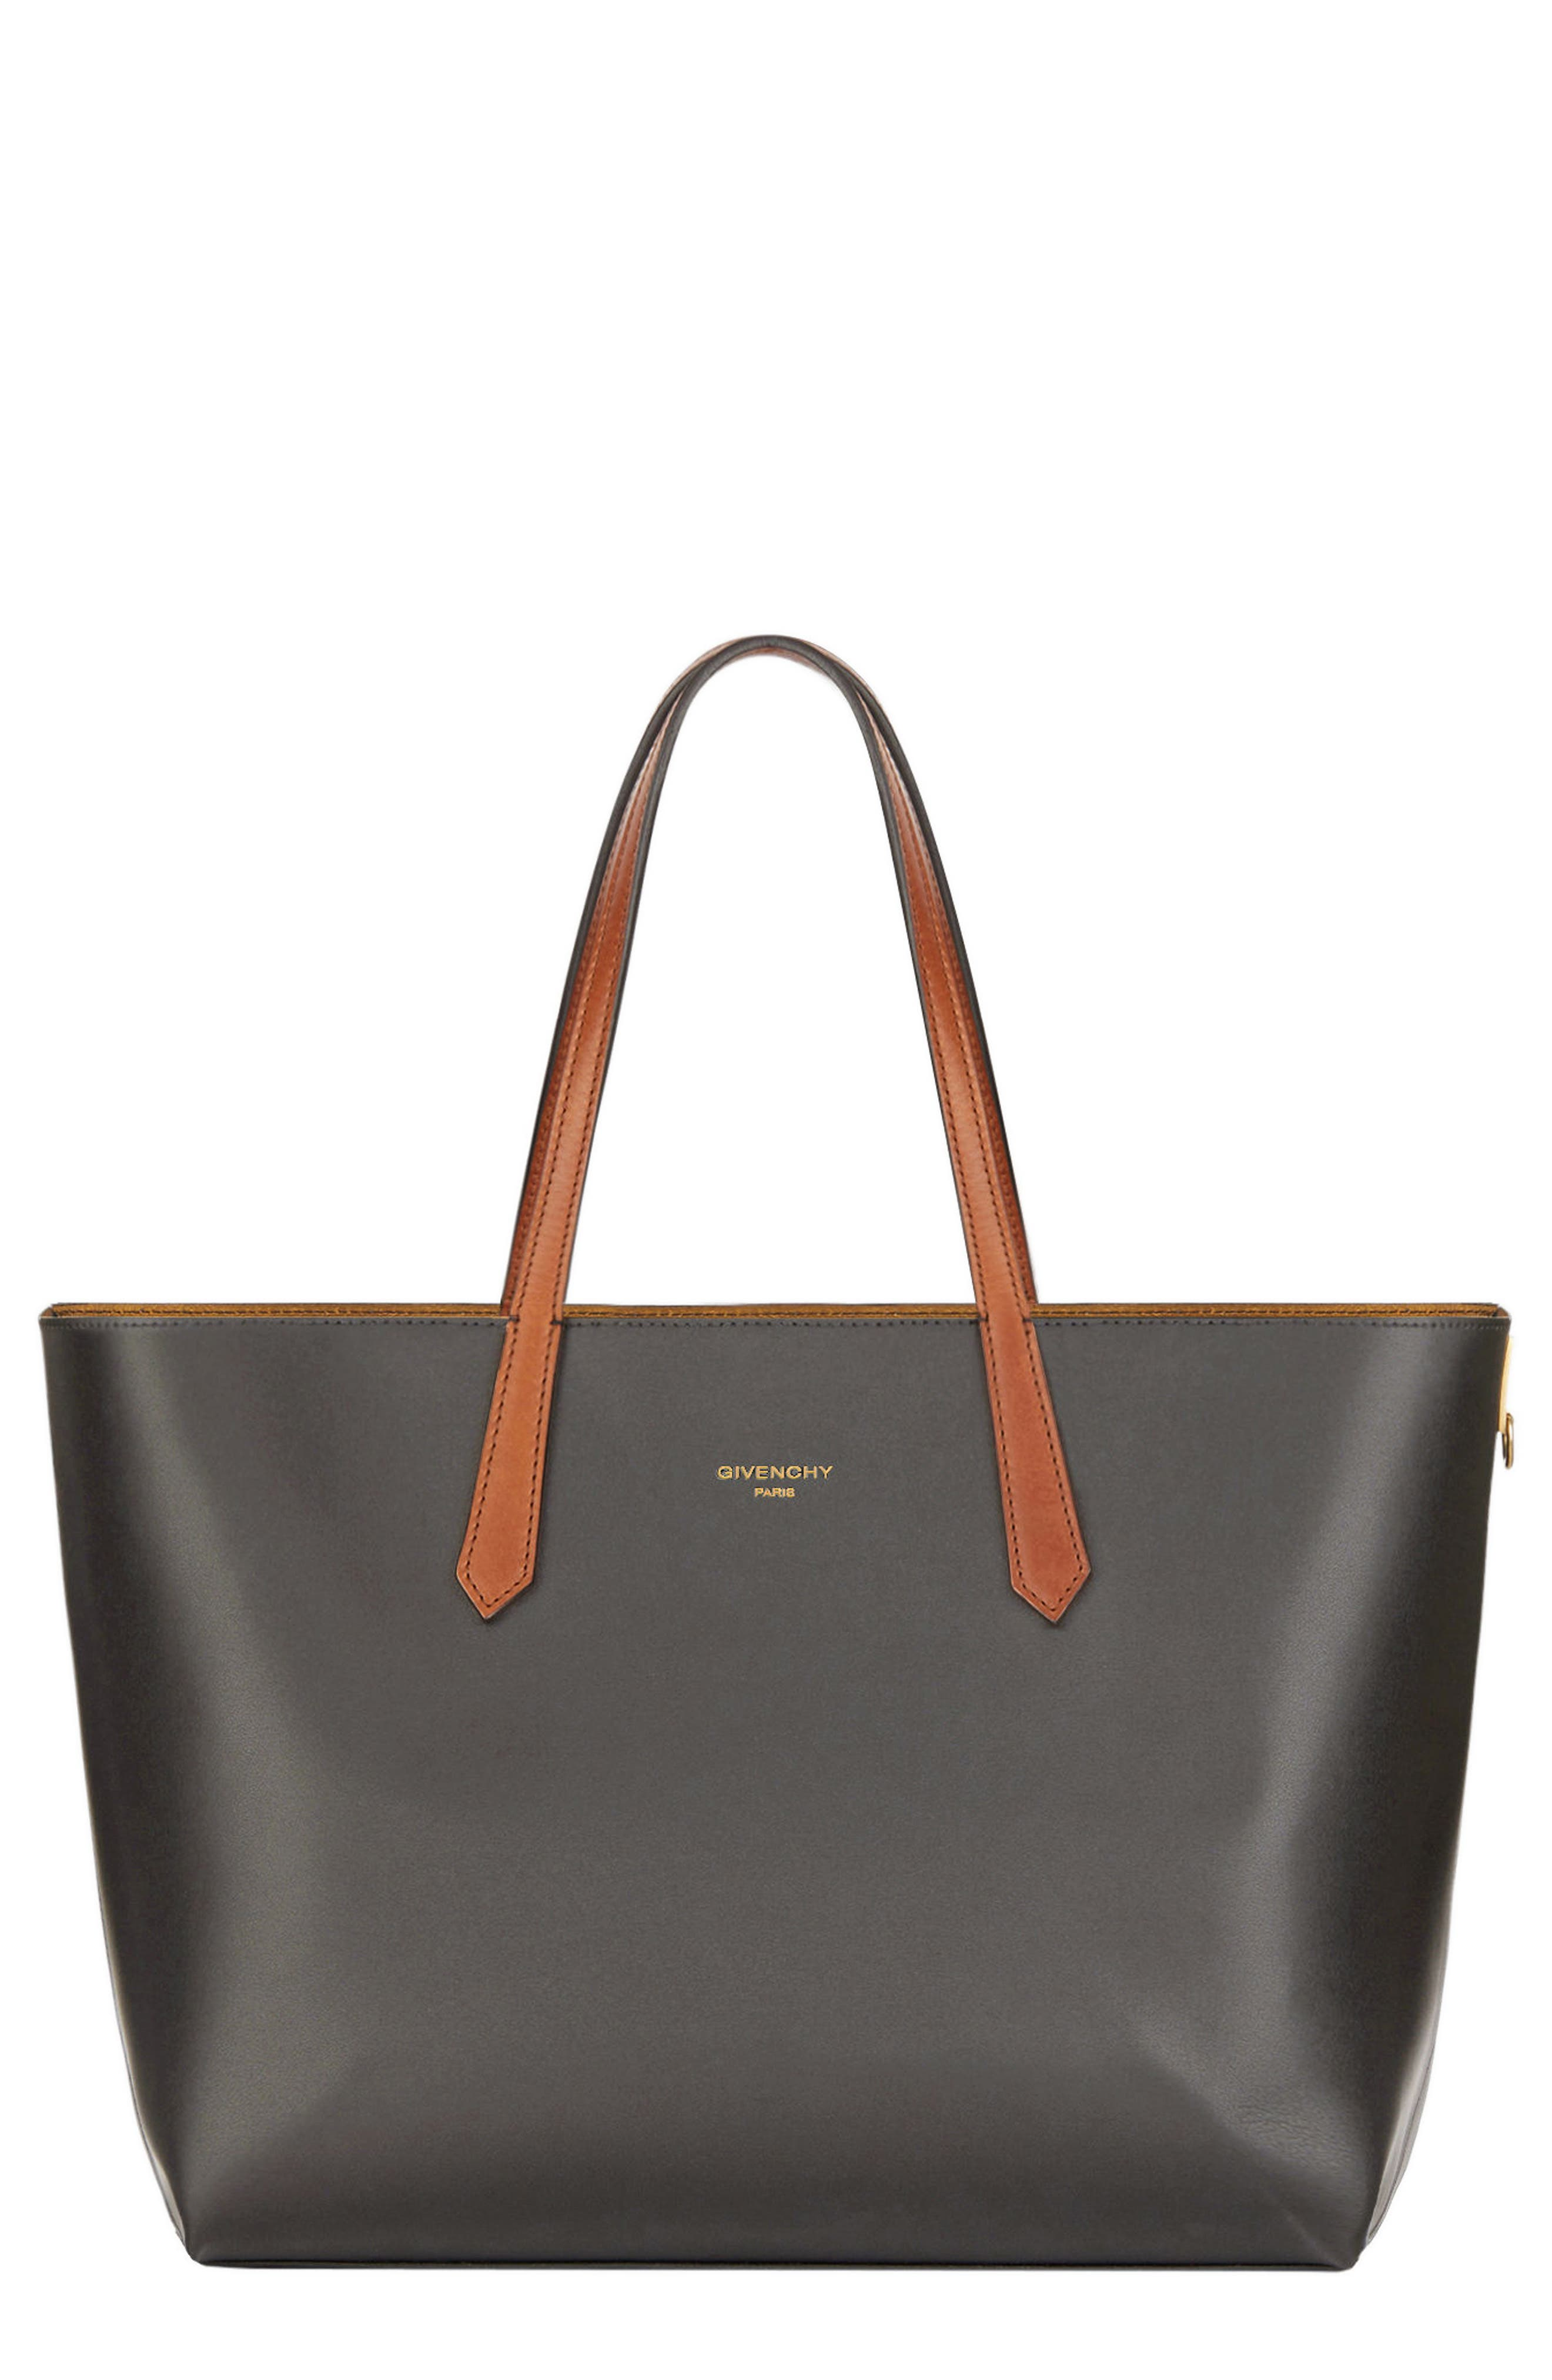 Givenchy Antigona Calfskin Leather Shopper